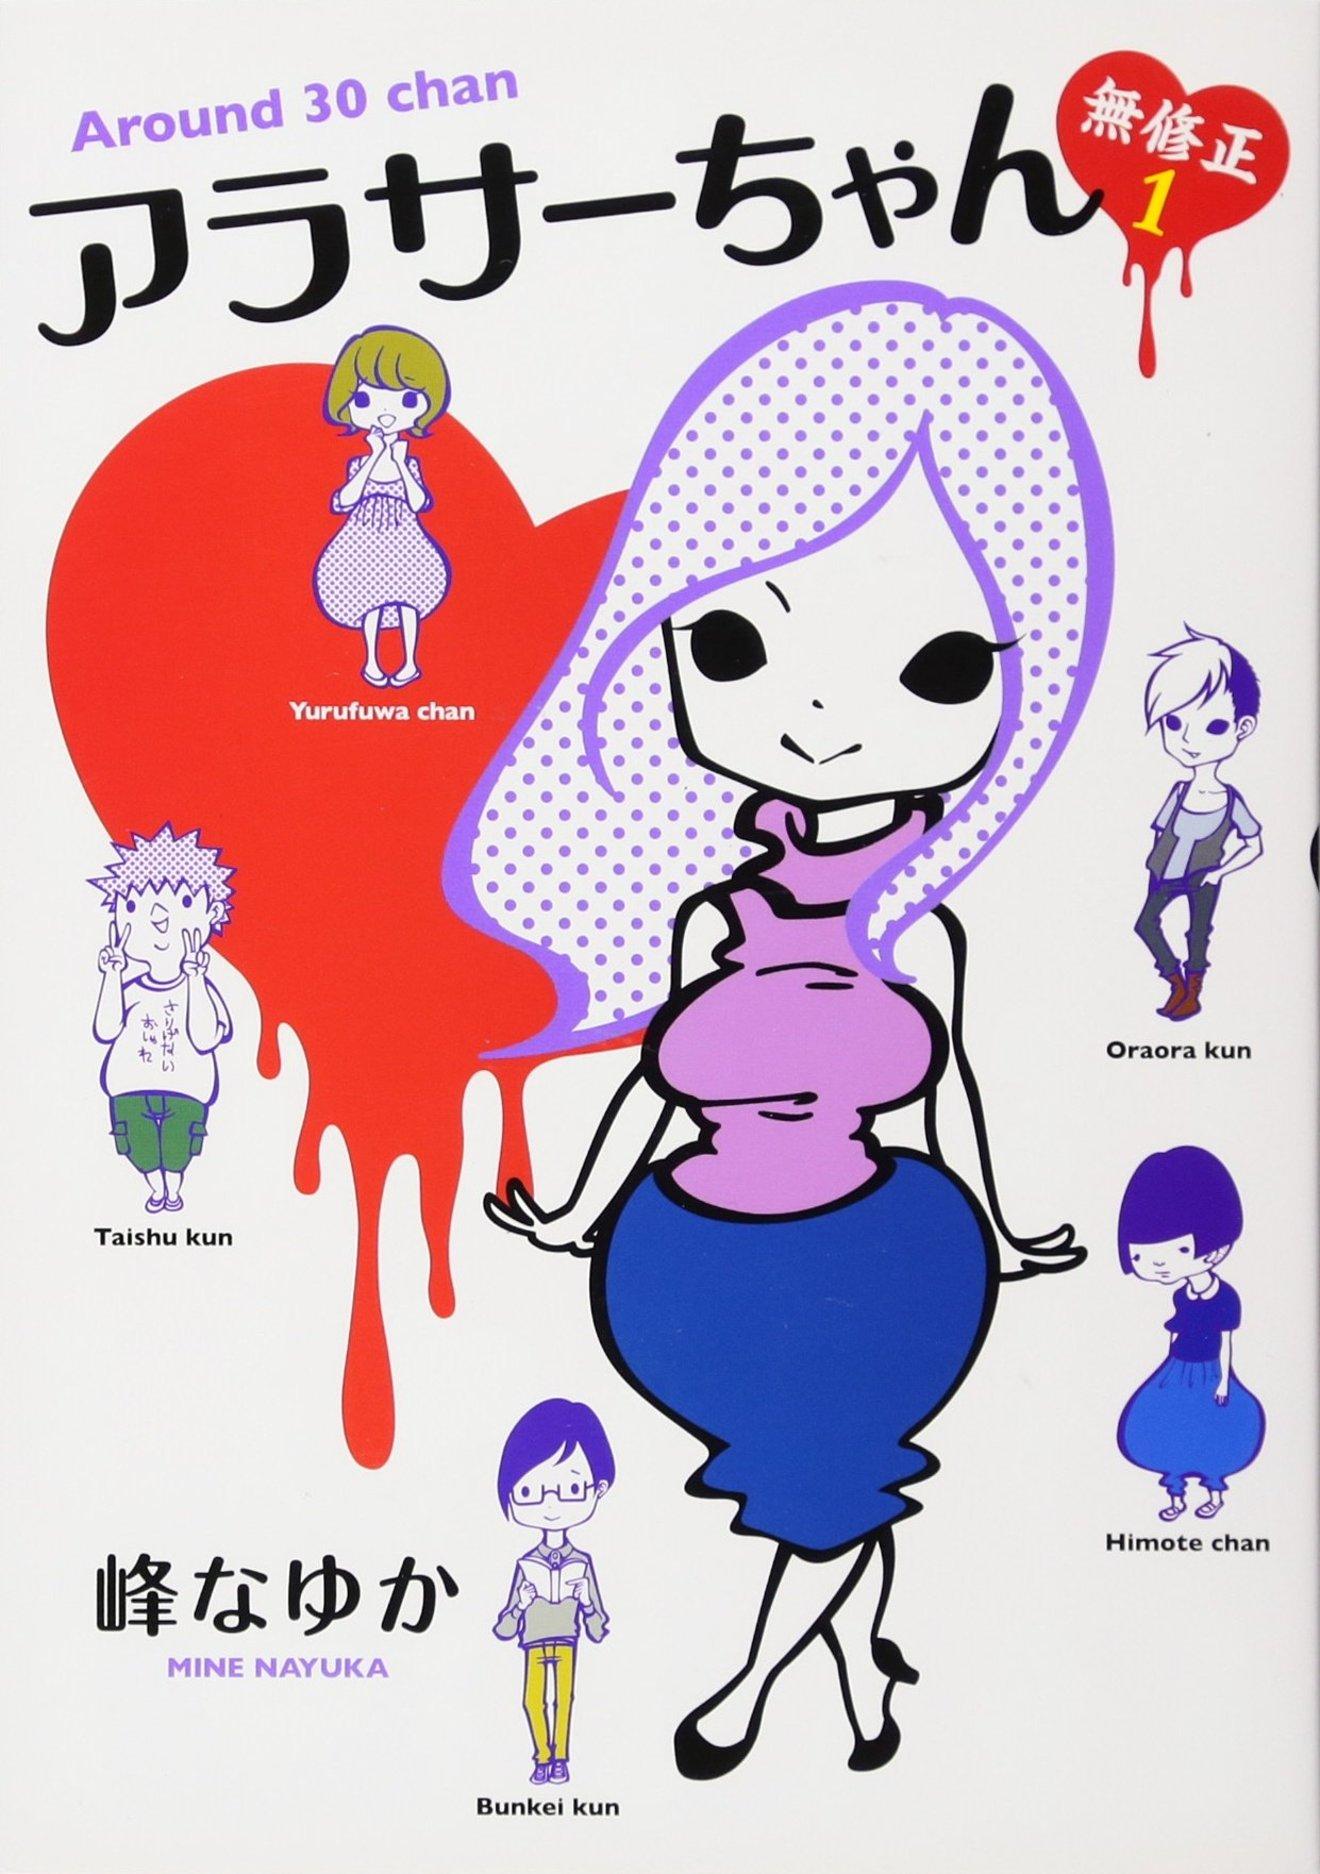 漫画「アラサーちゃん」にあるあるの嵐!キャラと最新5巻の魅力をネタバレ!